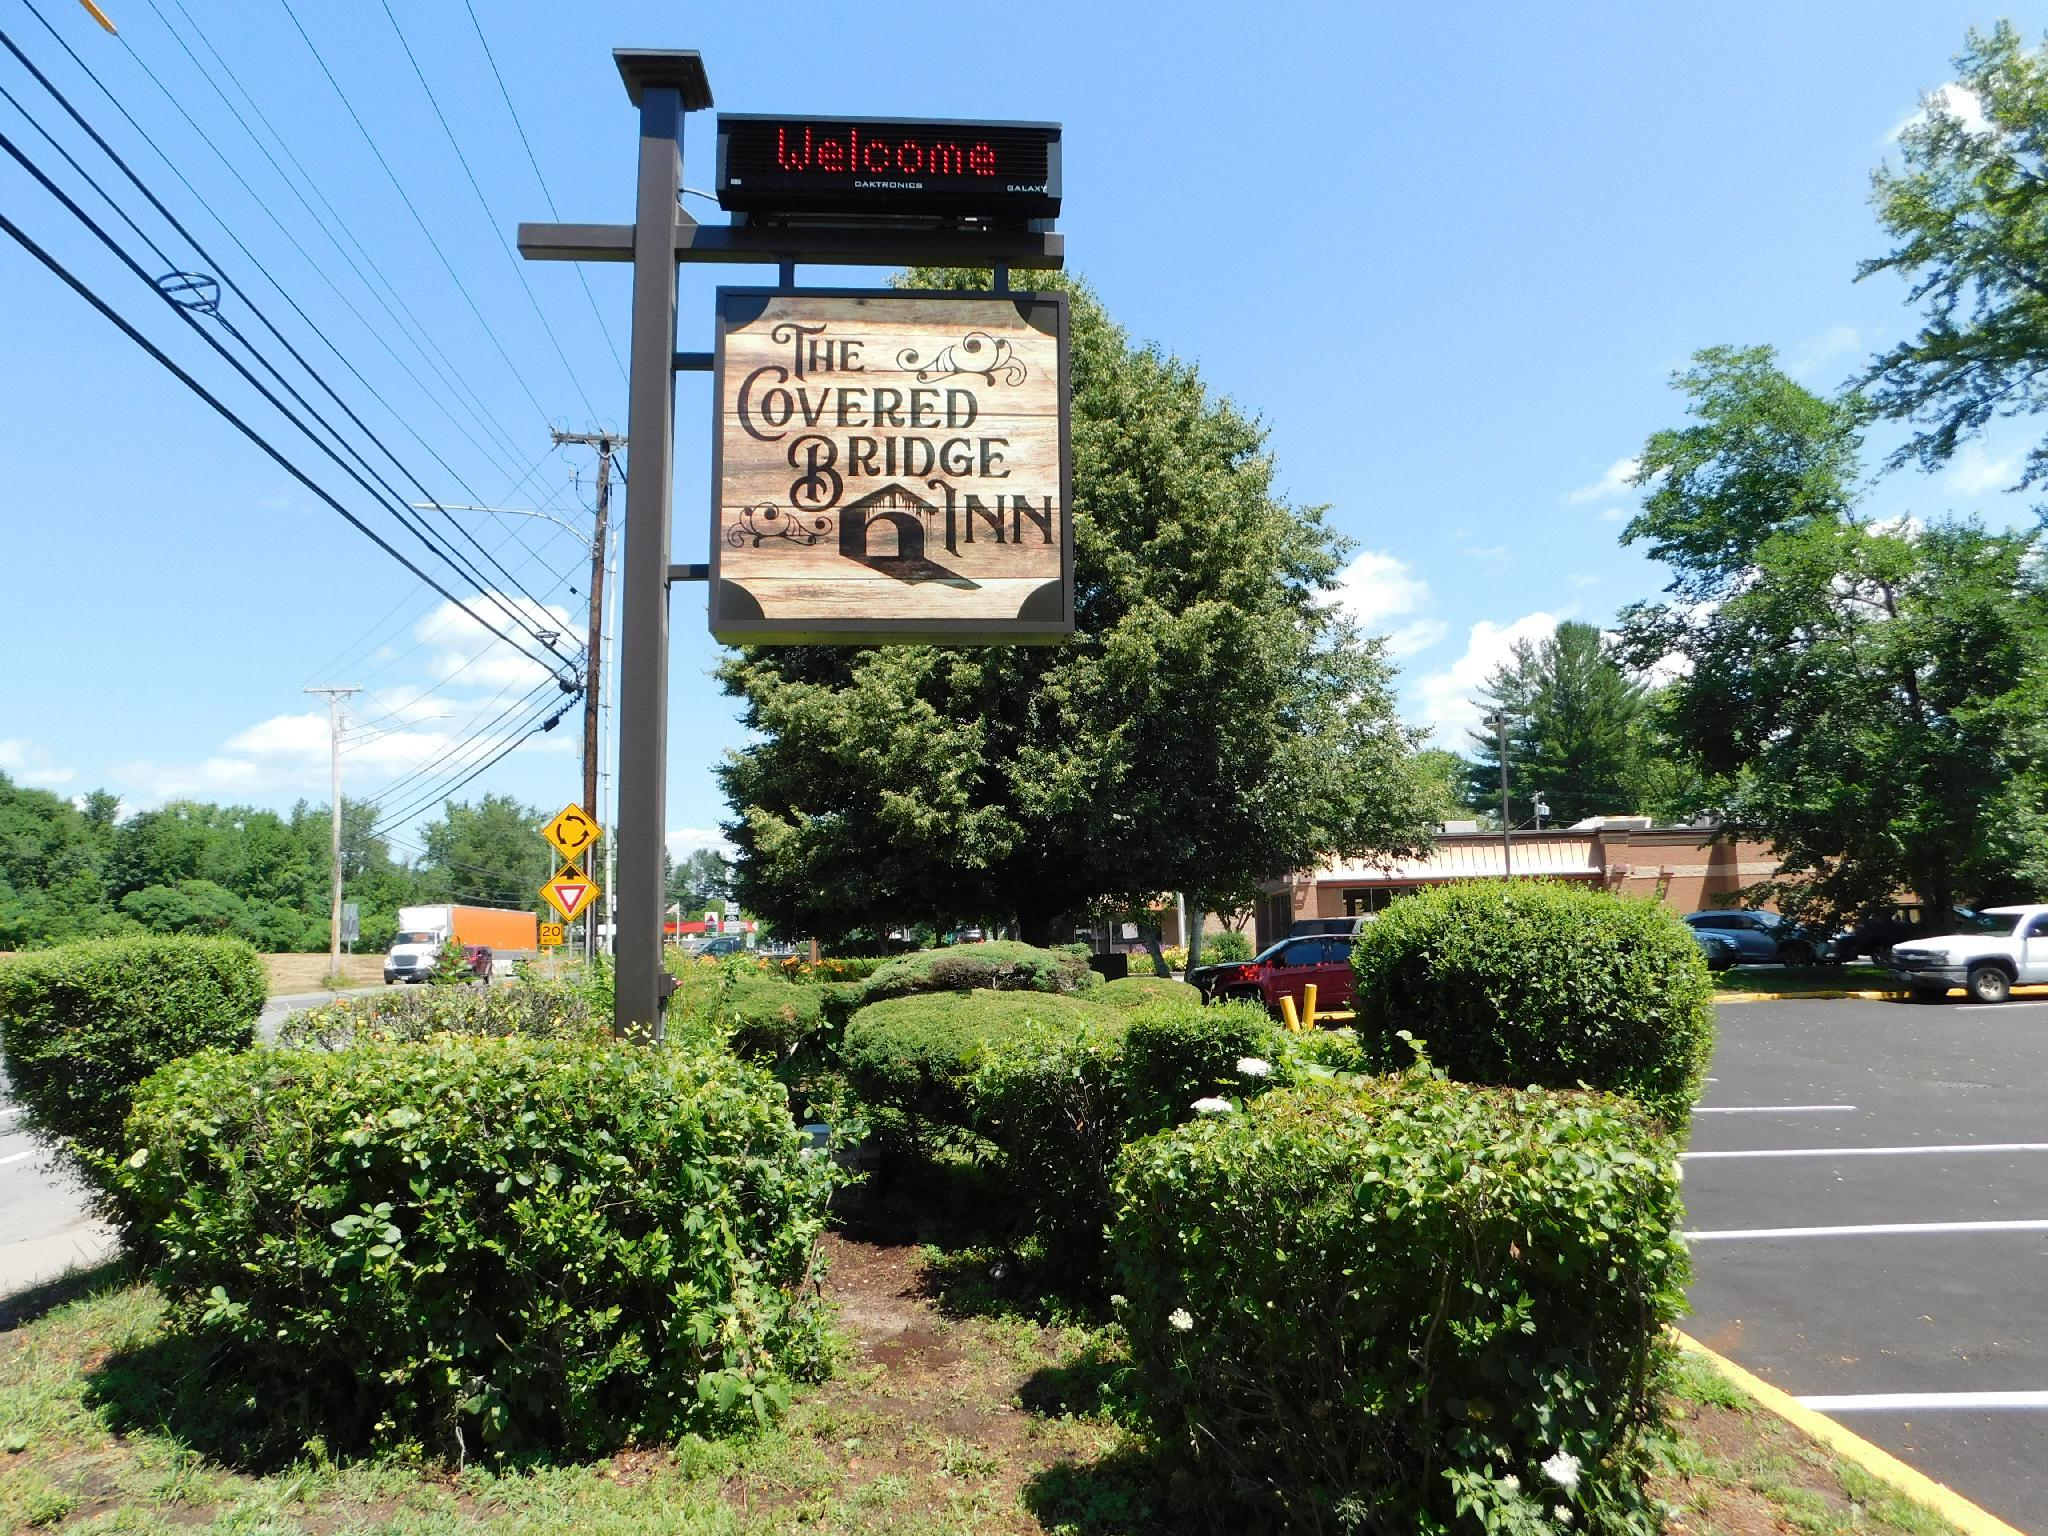 The Covered Bridge Inn